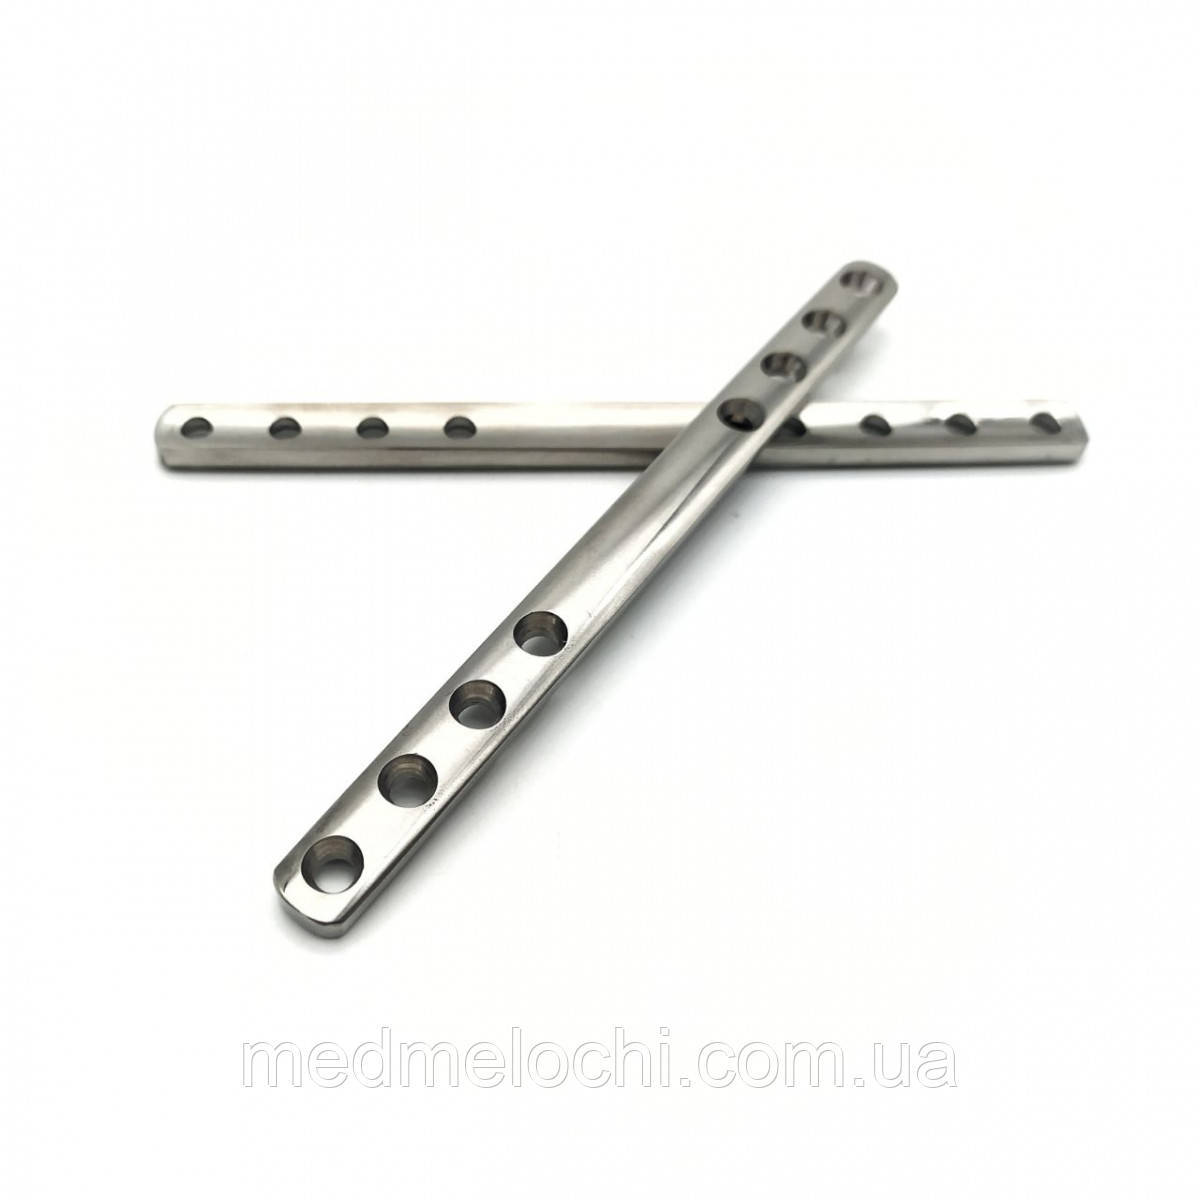 Пластина мостоподібна L = 130, D = 3,5 мм, 8 отв, Т- 3.5 мм, Ш - 10 мм.